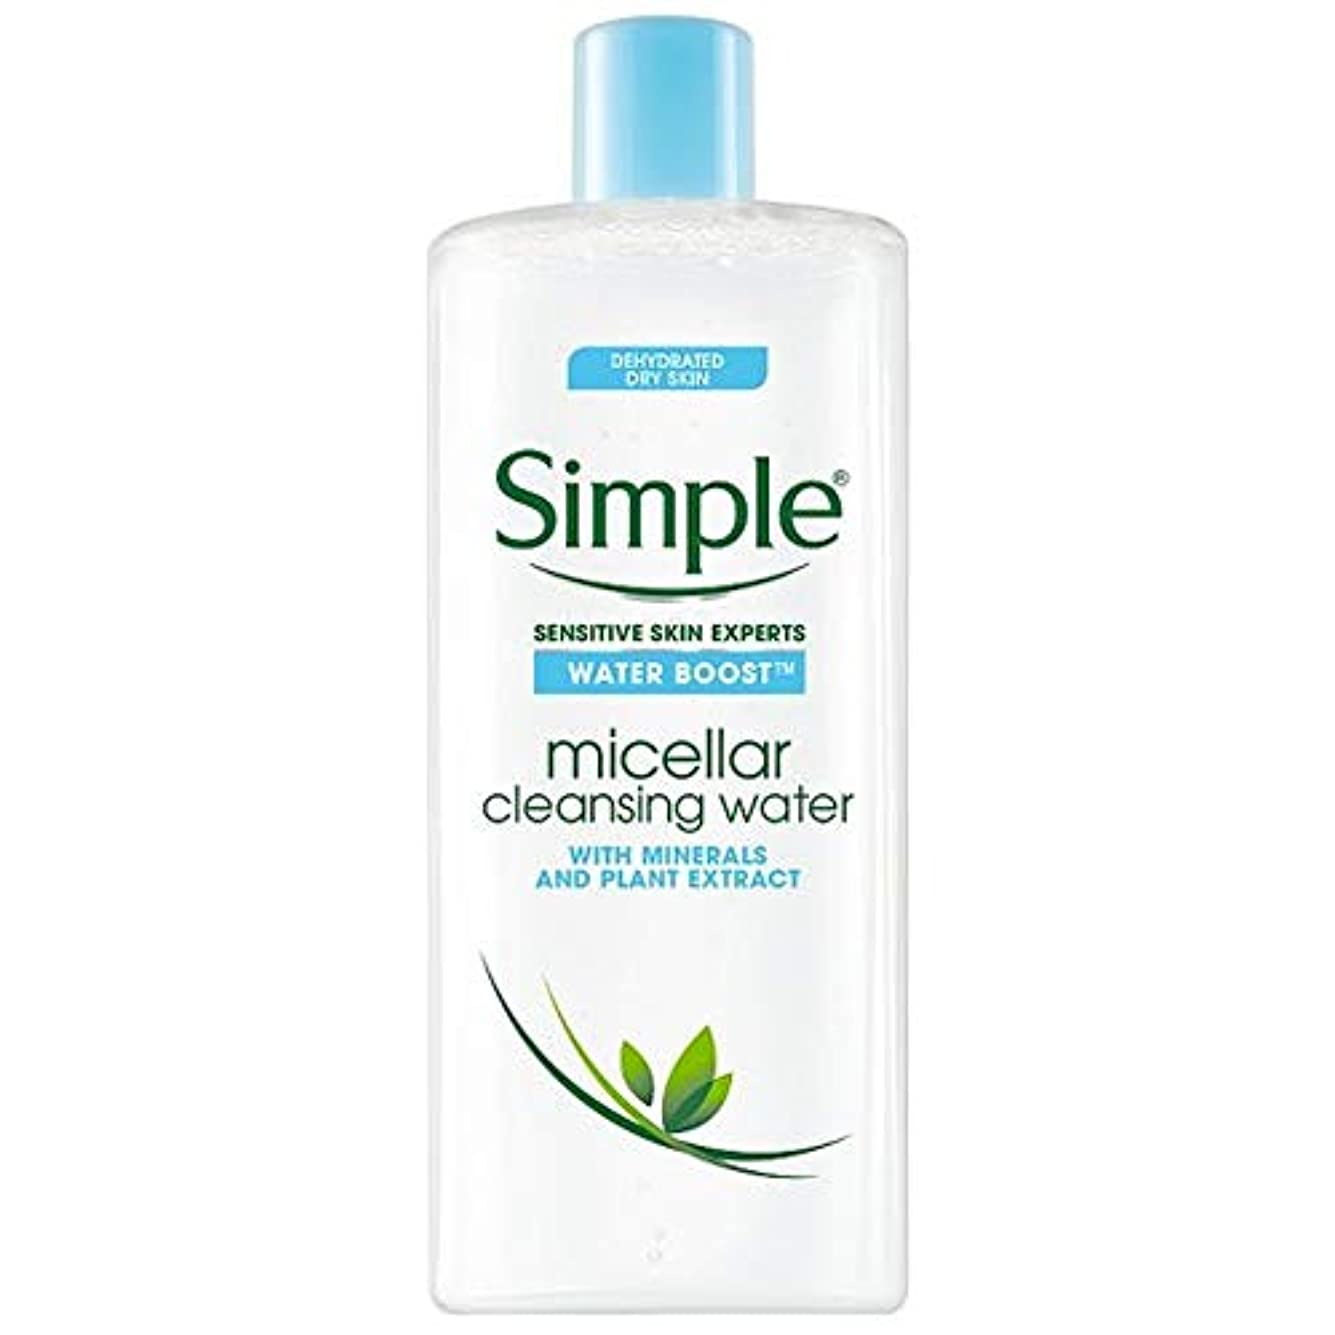 に頼る集中的な郊外[Simple] シンプルな水ブーストミセル洗浄水400ミリリットル - Simple Water Boost Micellar Cleansing Water 400Ml [並行輸入品]